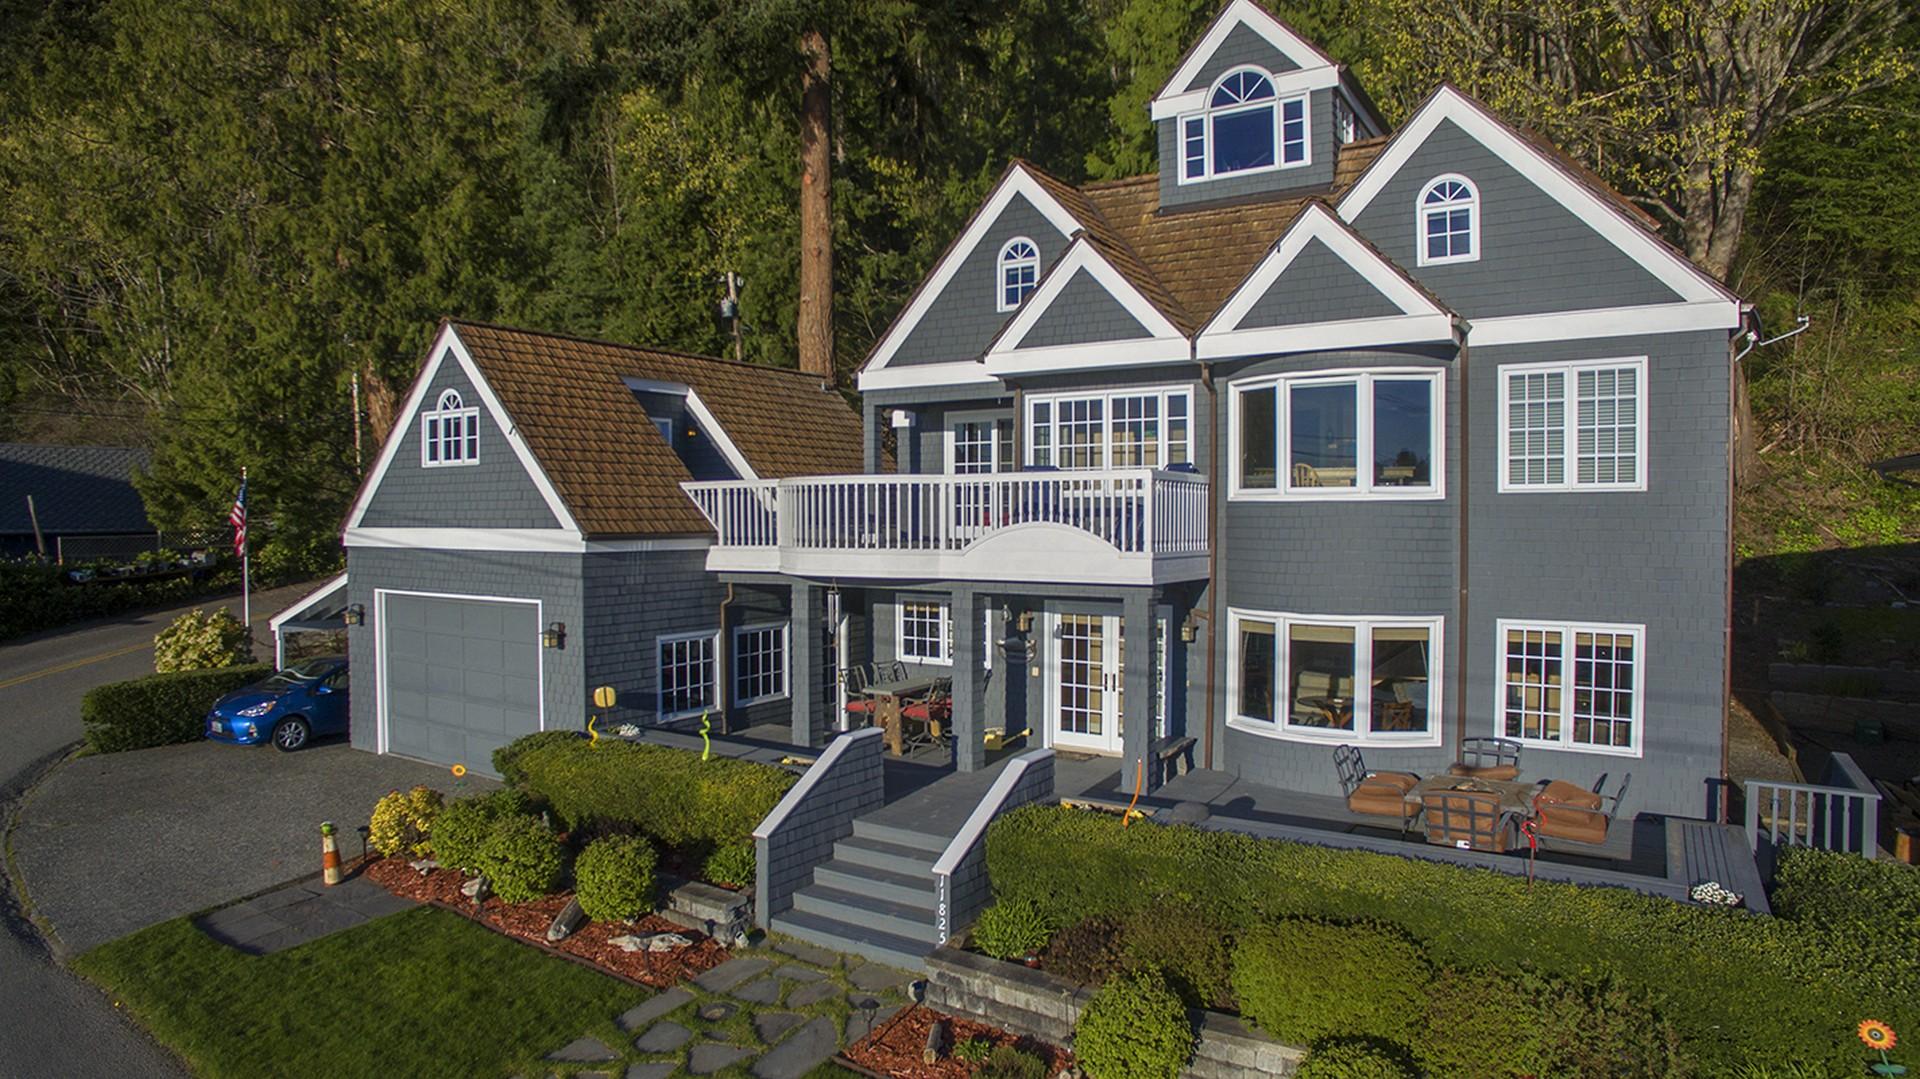 Villa per Vendita alle ore 11825 Tulare Wy W, Tulalip 98271 Tulalip, Washington, 98271 Stati Uniti